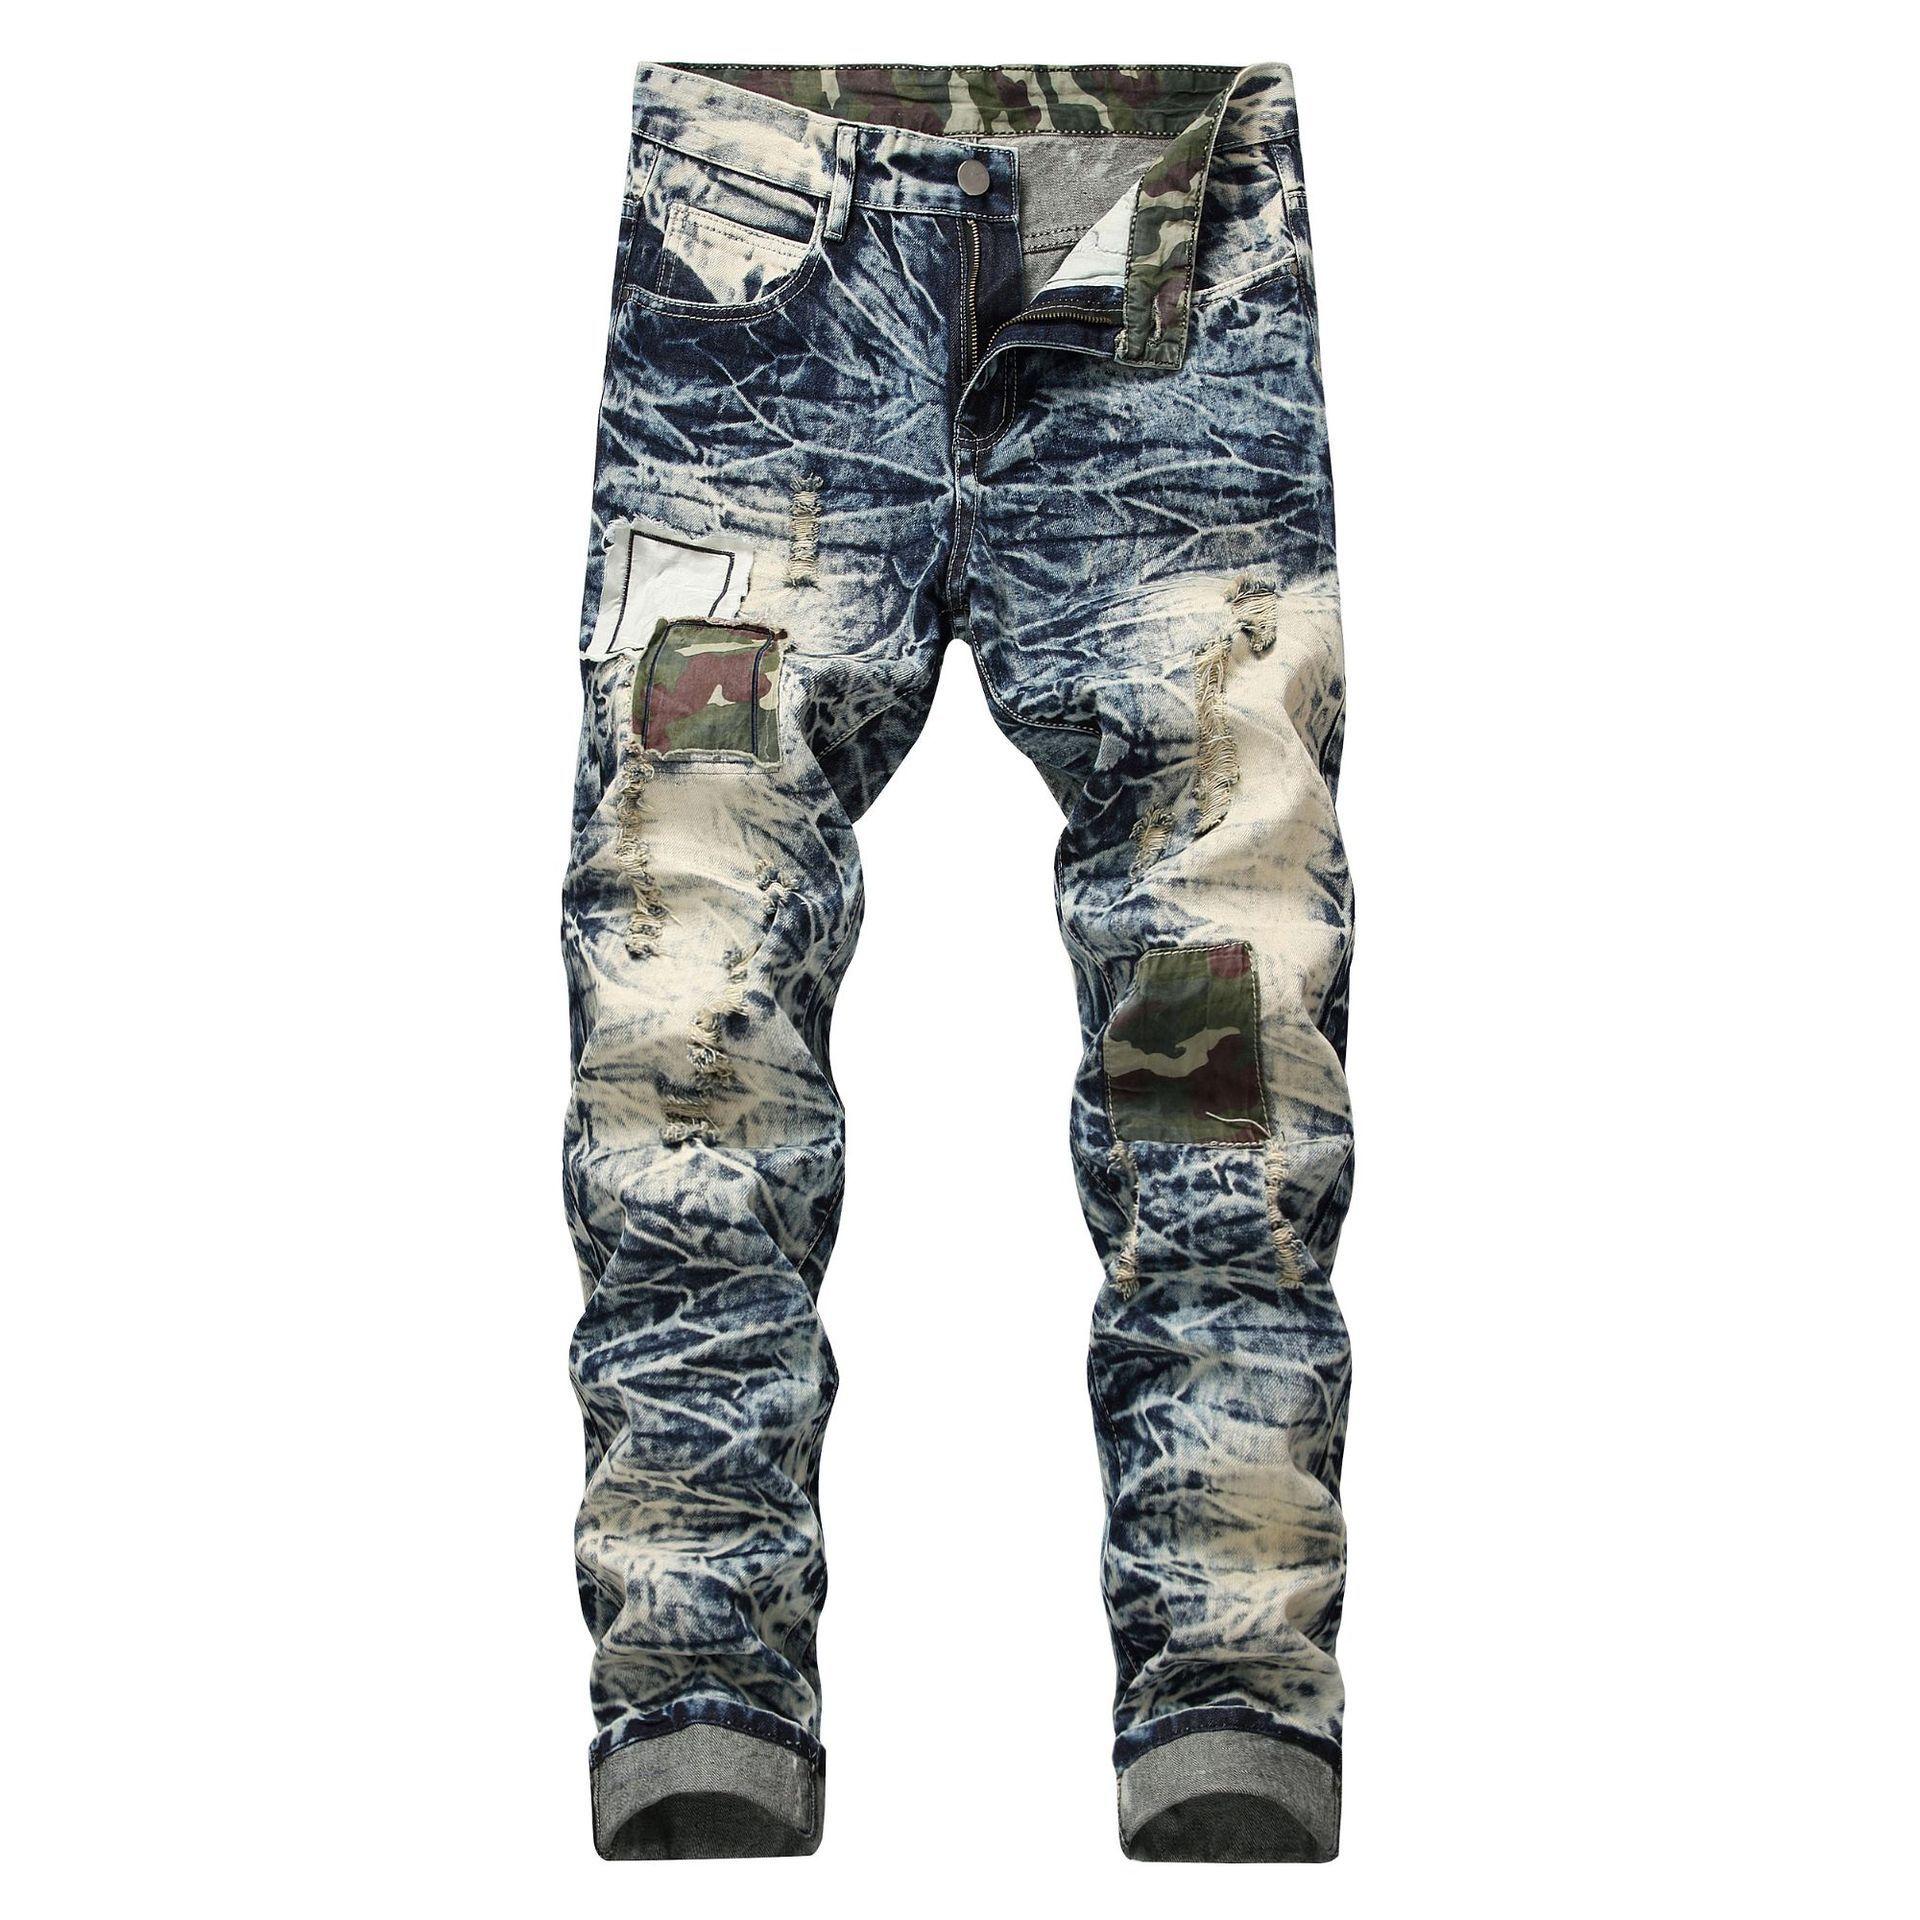 Denim Distressed Strappati Jeans Pieno Vita Nuovo Patchwork Azzurro Autunno  Dritto grey Cielo Di Uomini Foro ... 033deee26cdb